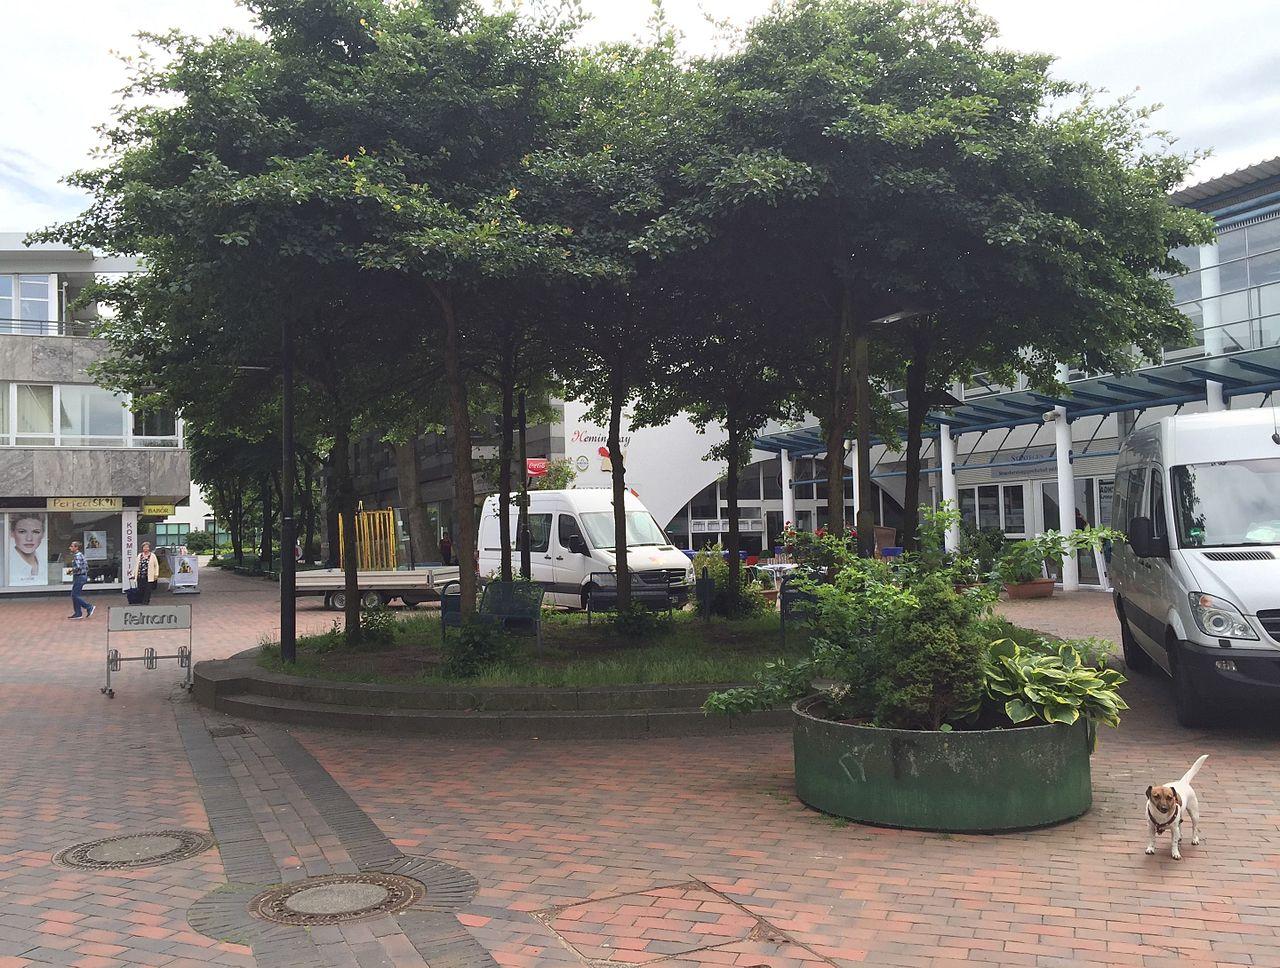 File:FZ Europa-Allee Teil 4 Rondeel mit Stühlen, Bäumen ...